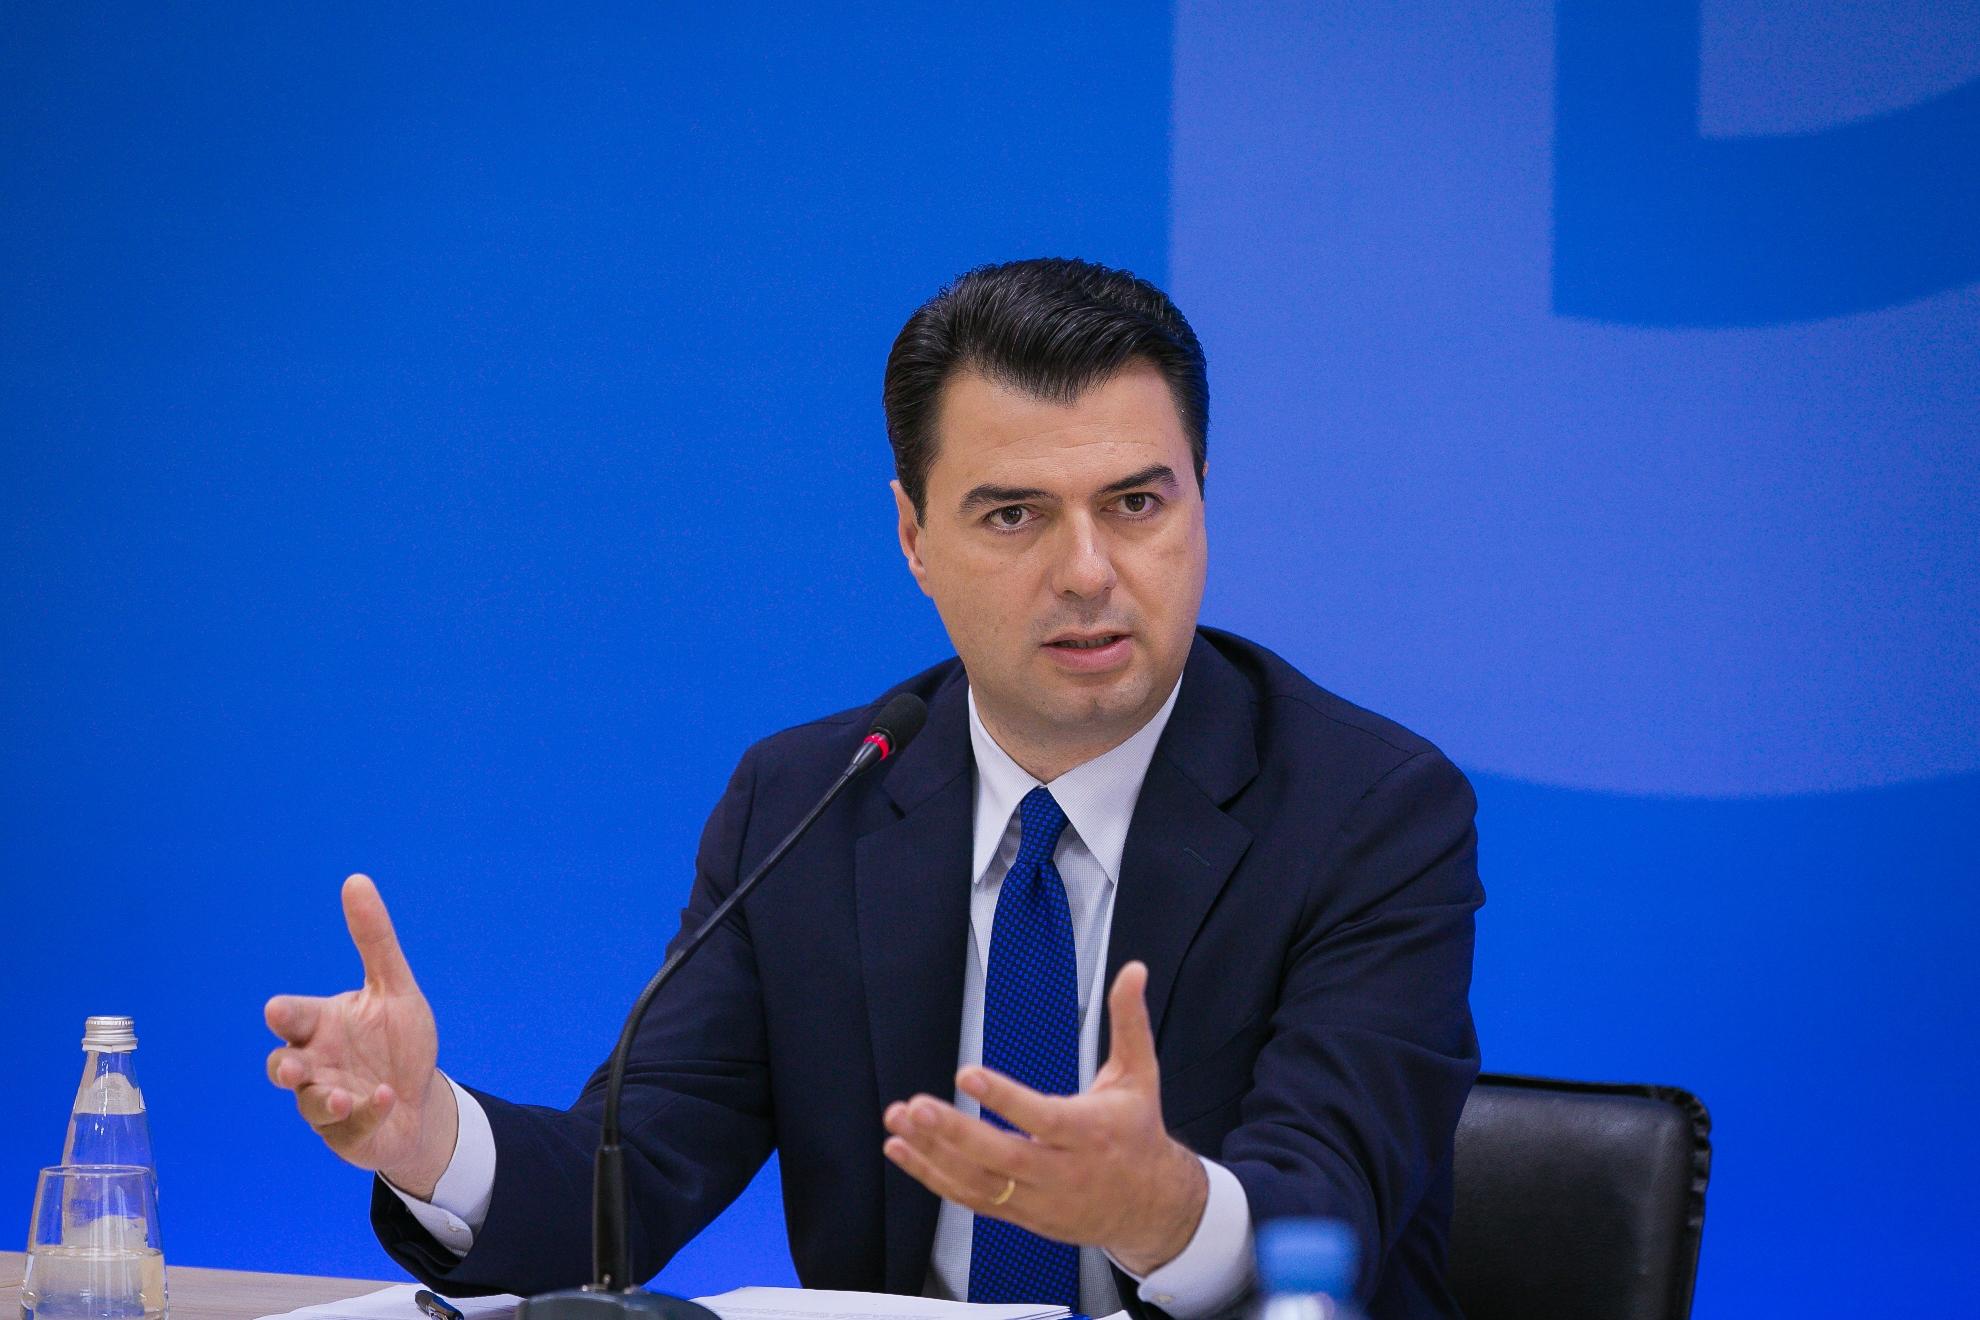 """Arrihet marrëveshja për """"Zgjedhoren"""", Basha: Sot kemi hedhur një hap përpara"""